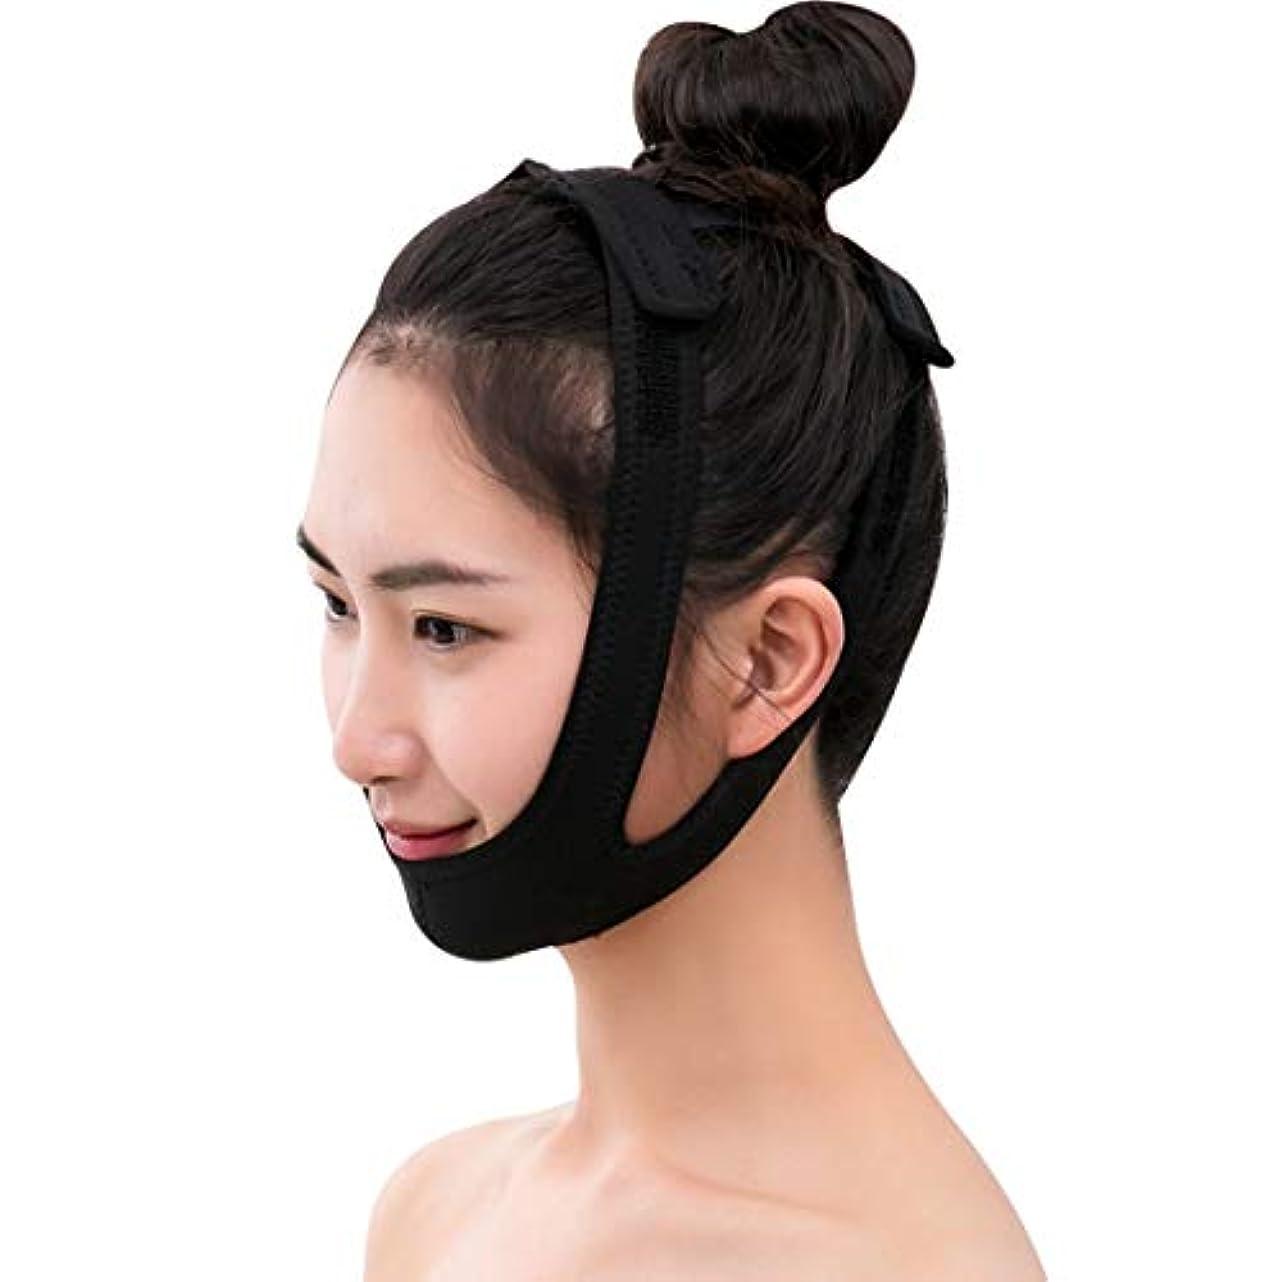 血色の良いどれいくつかのZWBD フェイスマスク, フェイスリフティング包帯マスク小さなVフェイス包帯はツールで引くことができます睡眠薄い顔の顔の持ち上がる美顔のマッサージ調整可能なサイズブラック